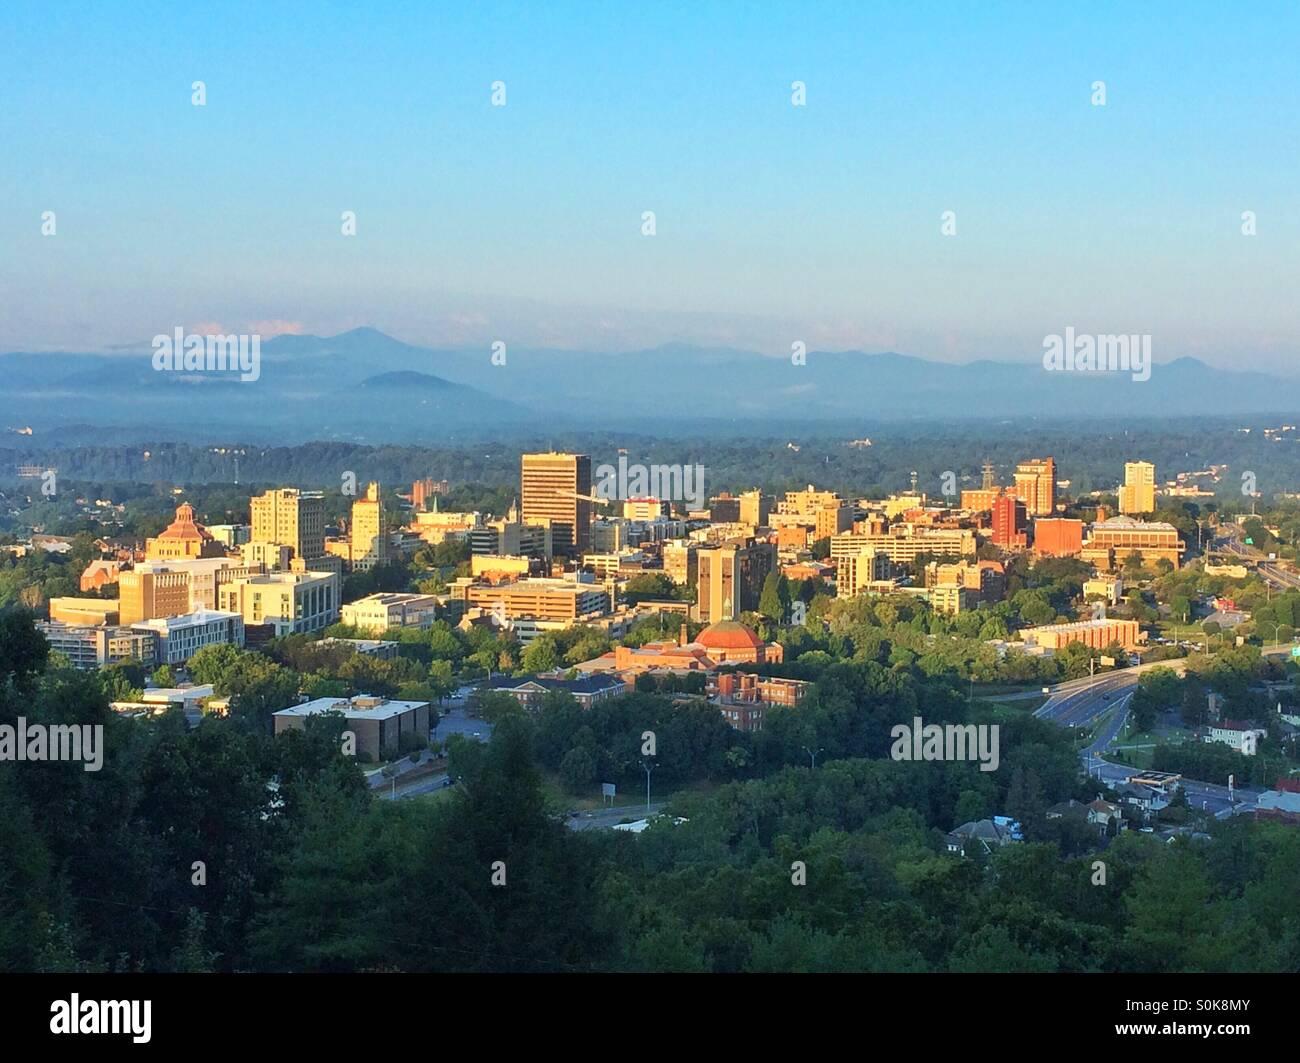 Sunrise illuminates the city of Asheville, North Carolina, nestled in the Blue Ridge Mountains. - Stock Image